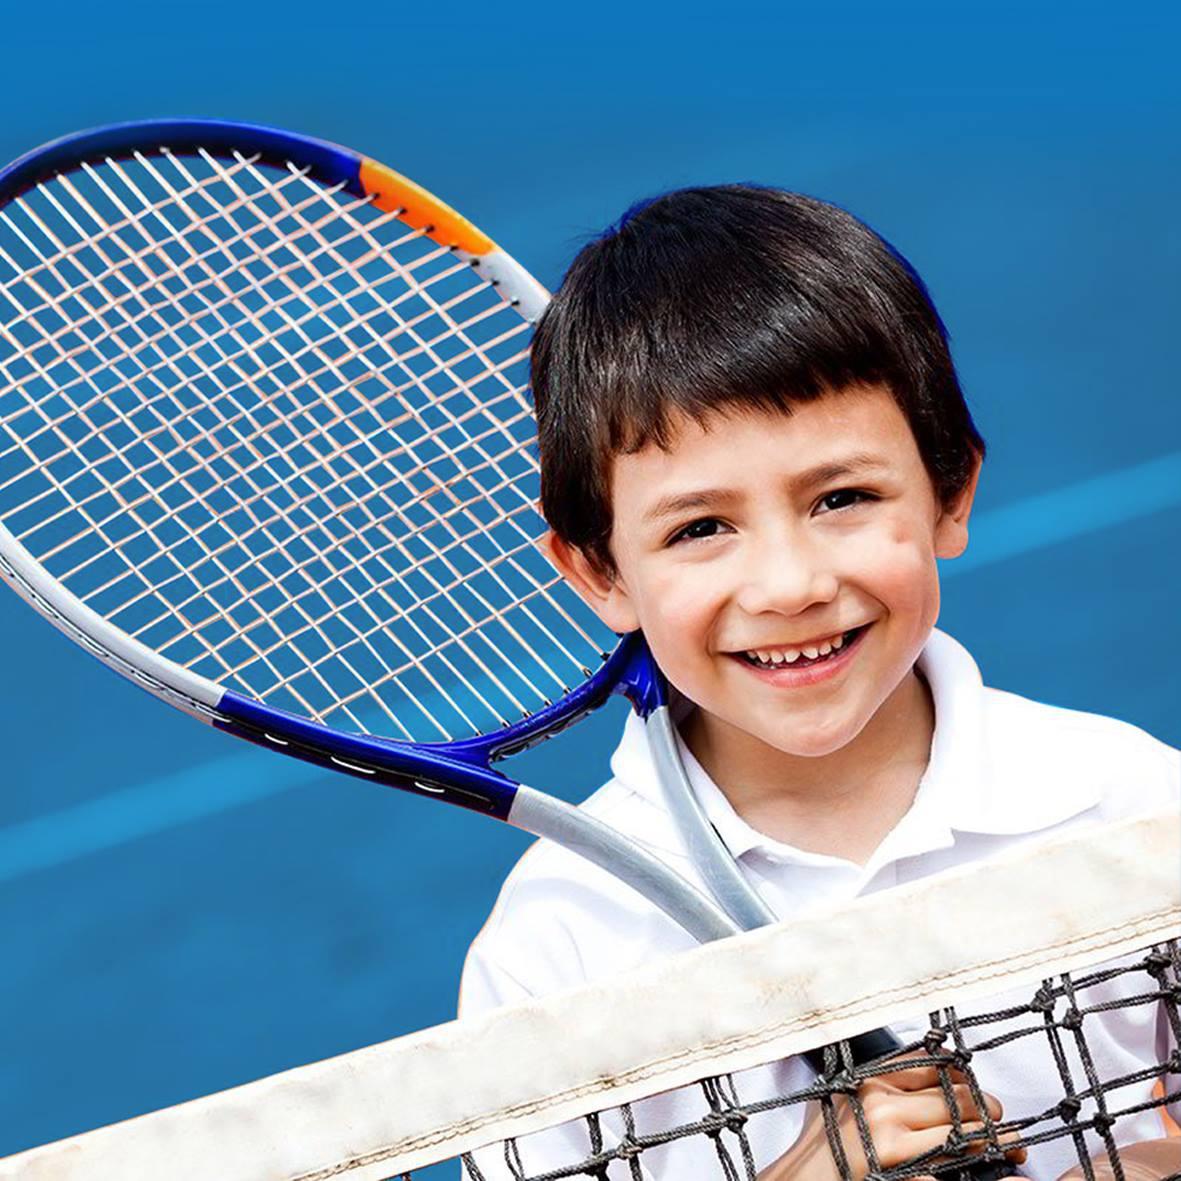 Дитяча академія тенісу стартує!